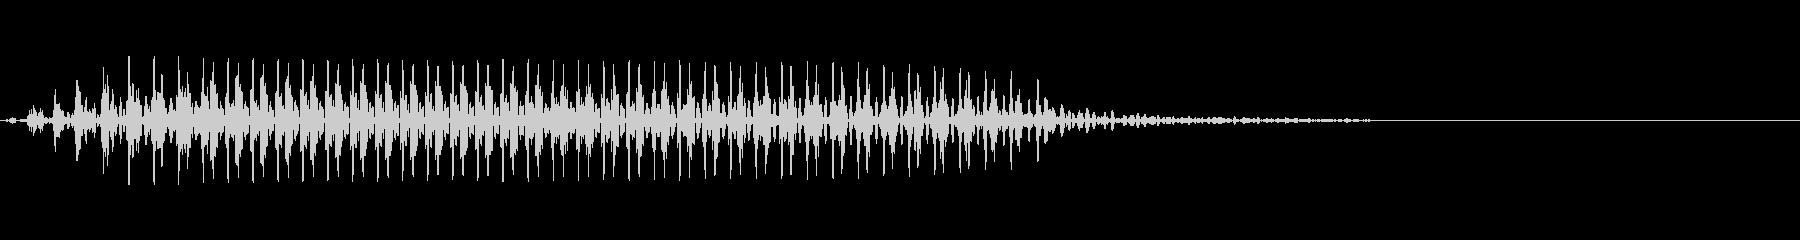 【SE 効果音】効果音その4の未再生の波形